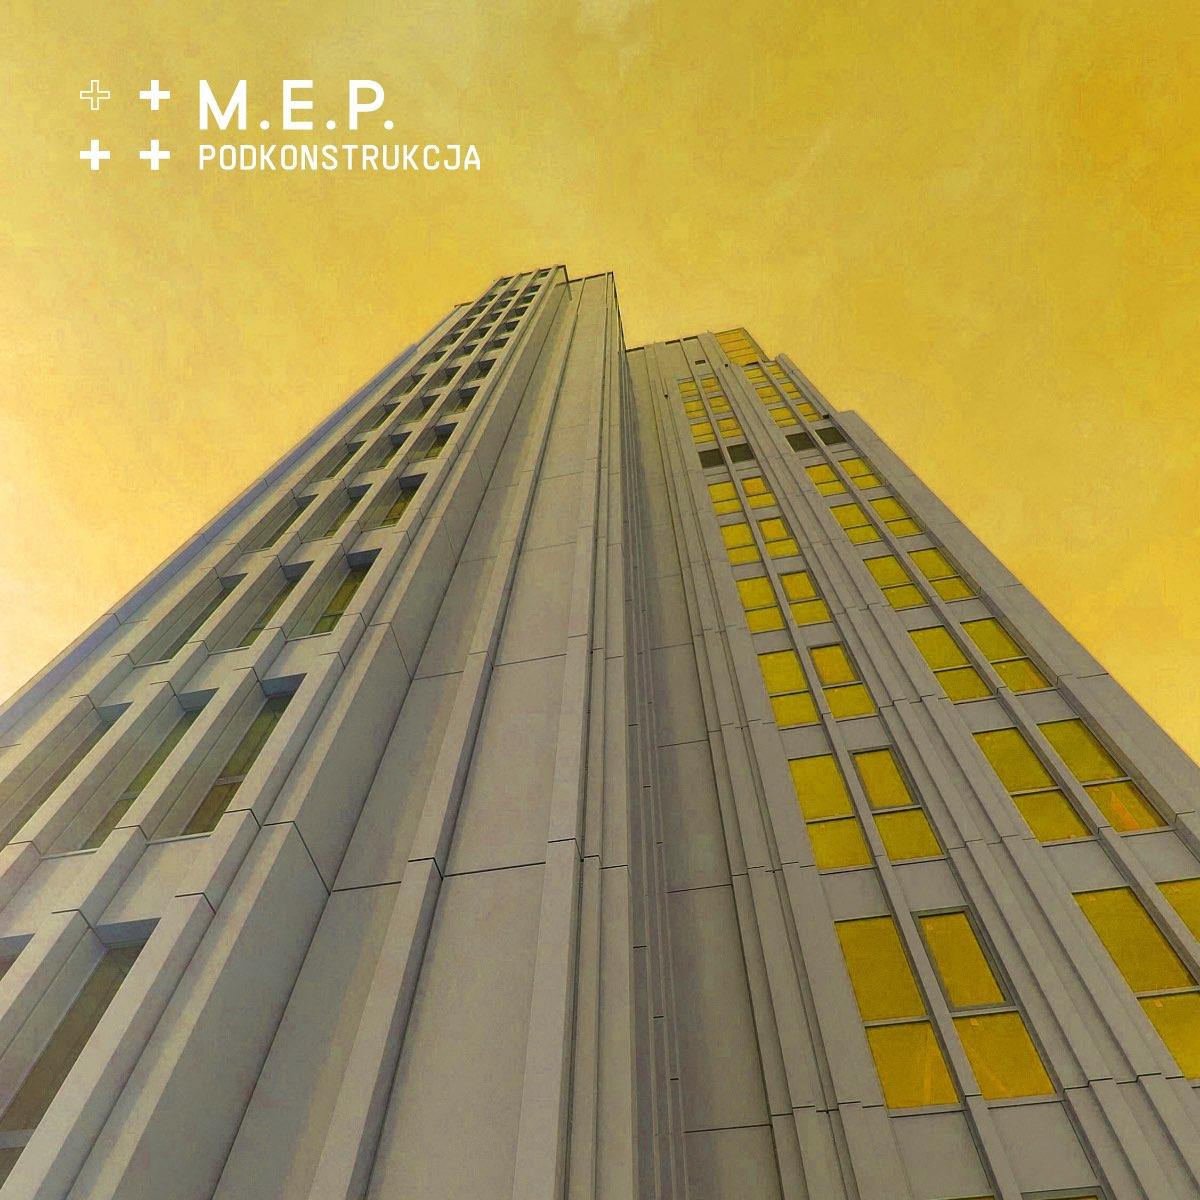 Podkonstrukcja do elewacji wentylowanych w systemie MEP